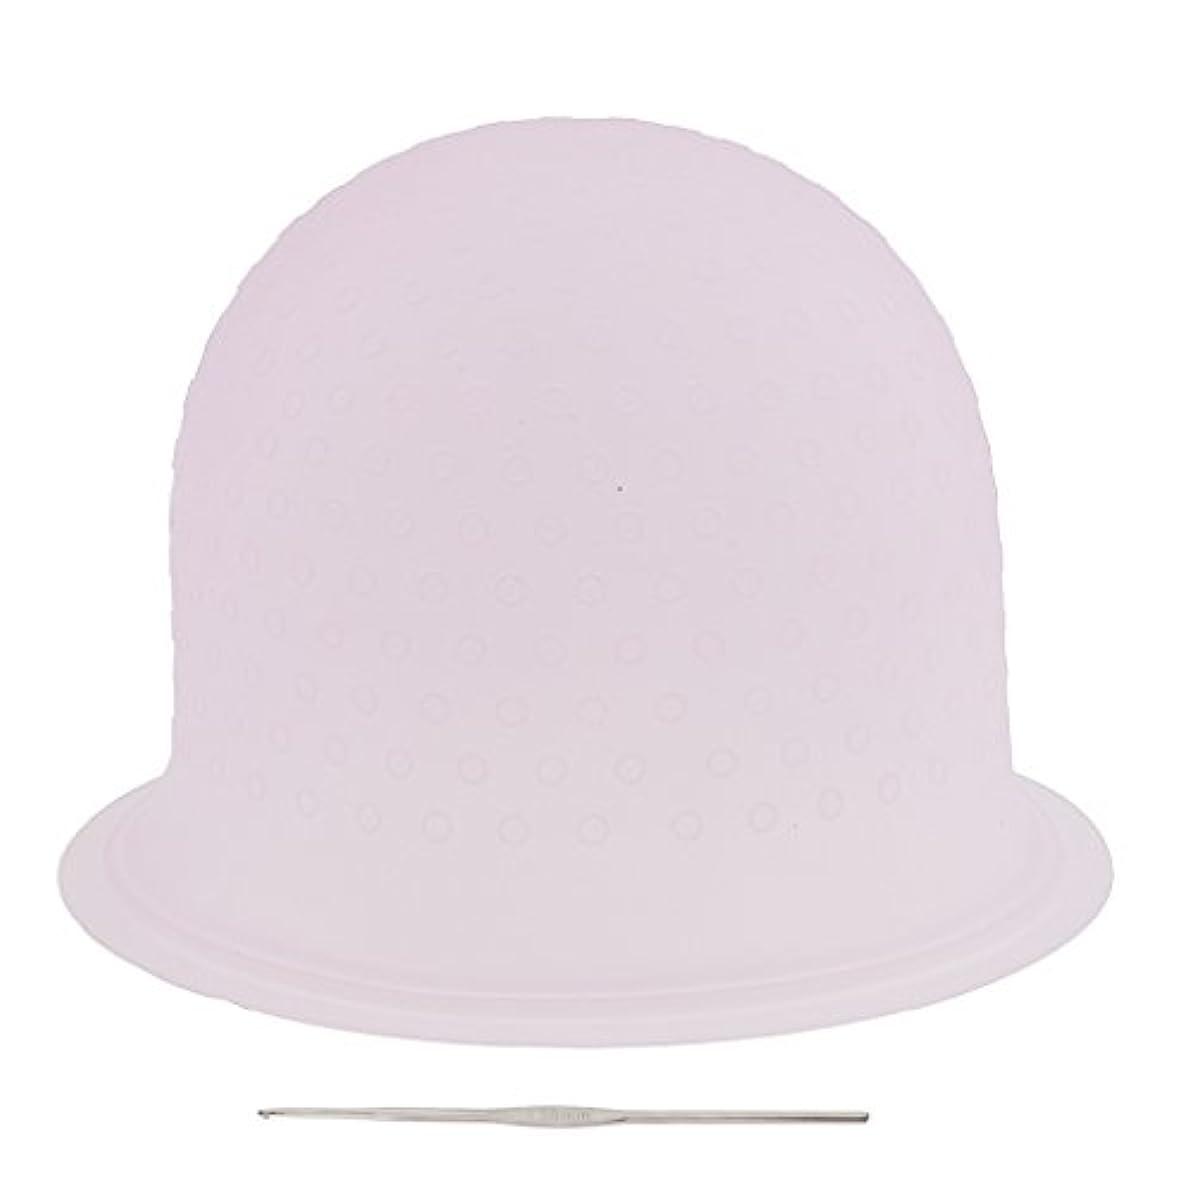 変わる耐えられない胃SONONIA 再利用可能 省エネ サロン ハイライト 髪染め工具 染めツール メタルフック付き 2色選べ - ピンク, 23.3×8.5cm